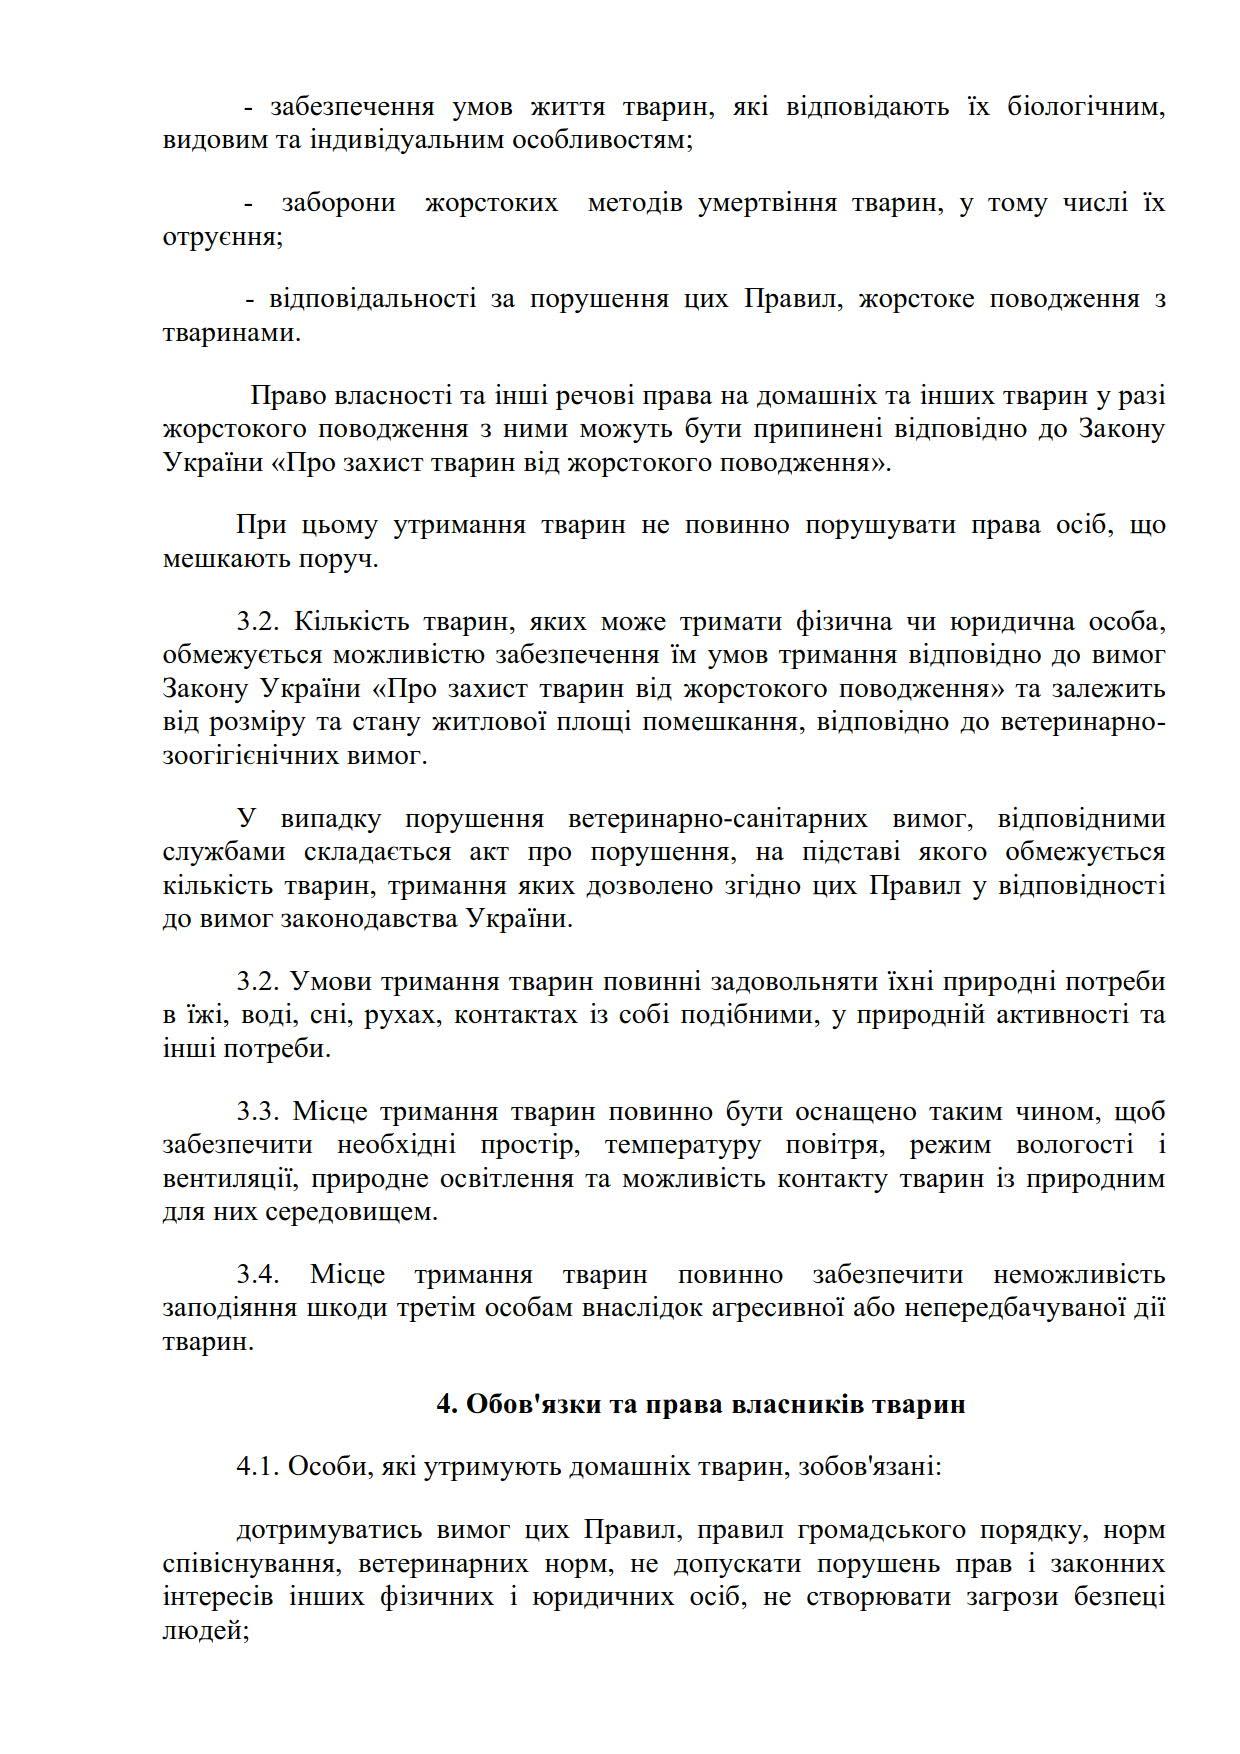 Правила утримання домашніх тварин коломак нов_06